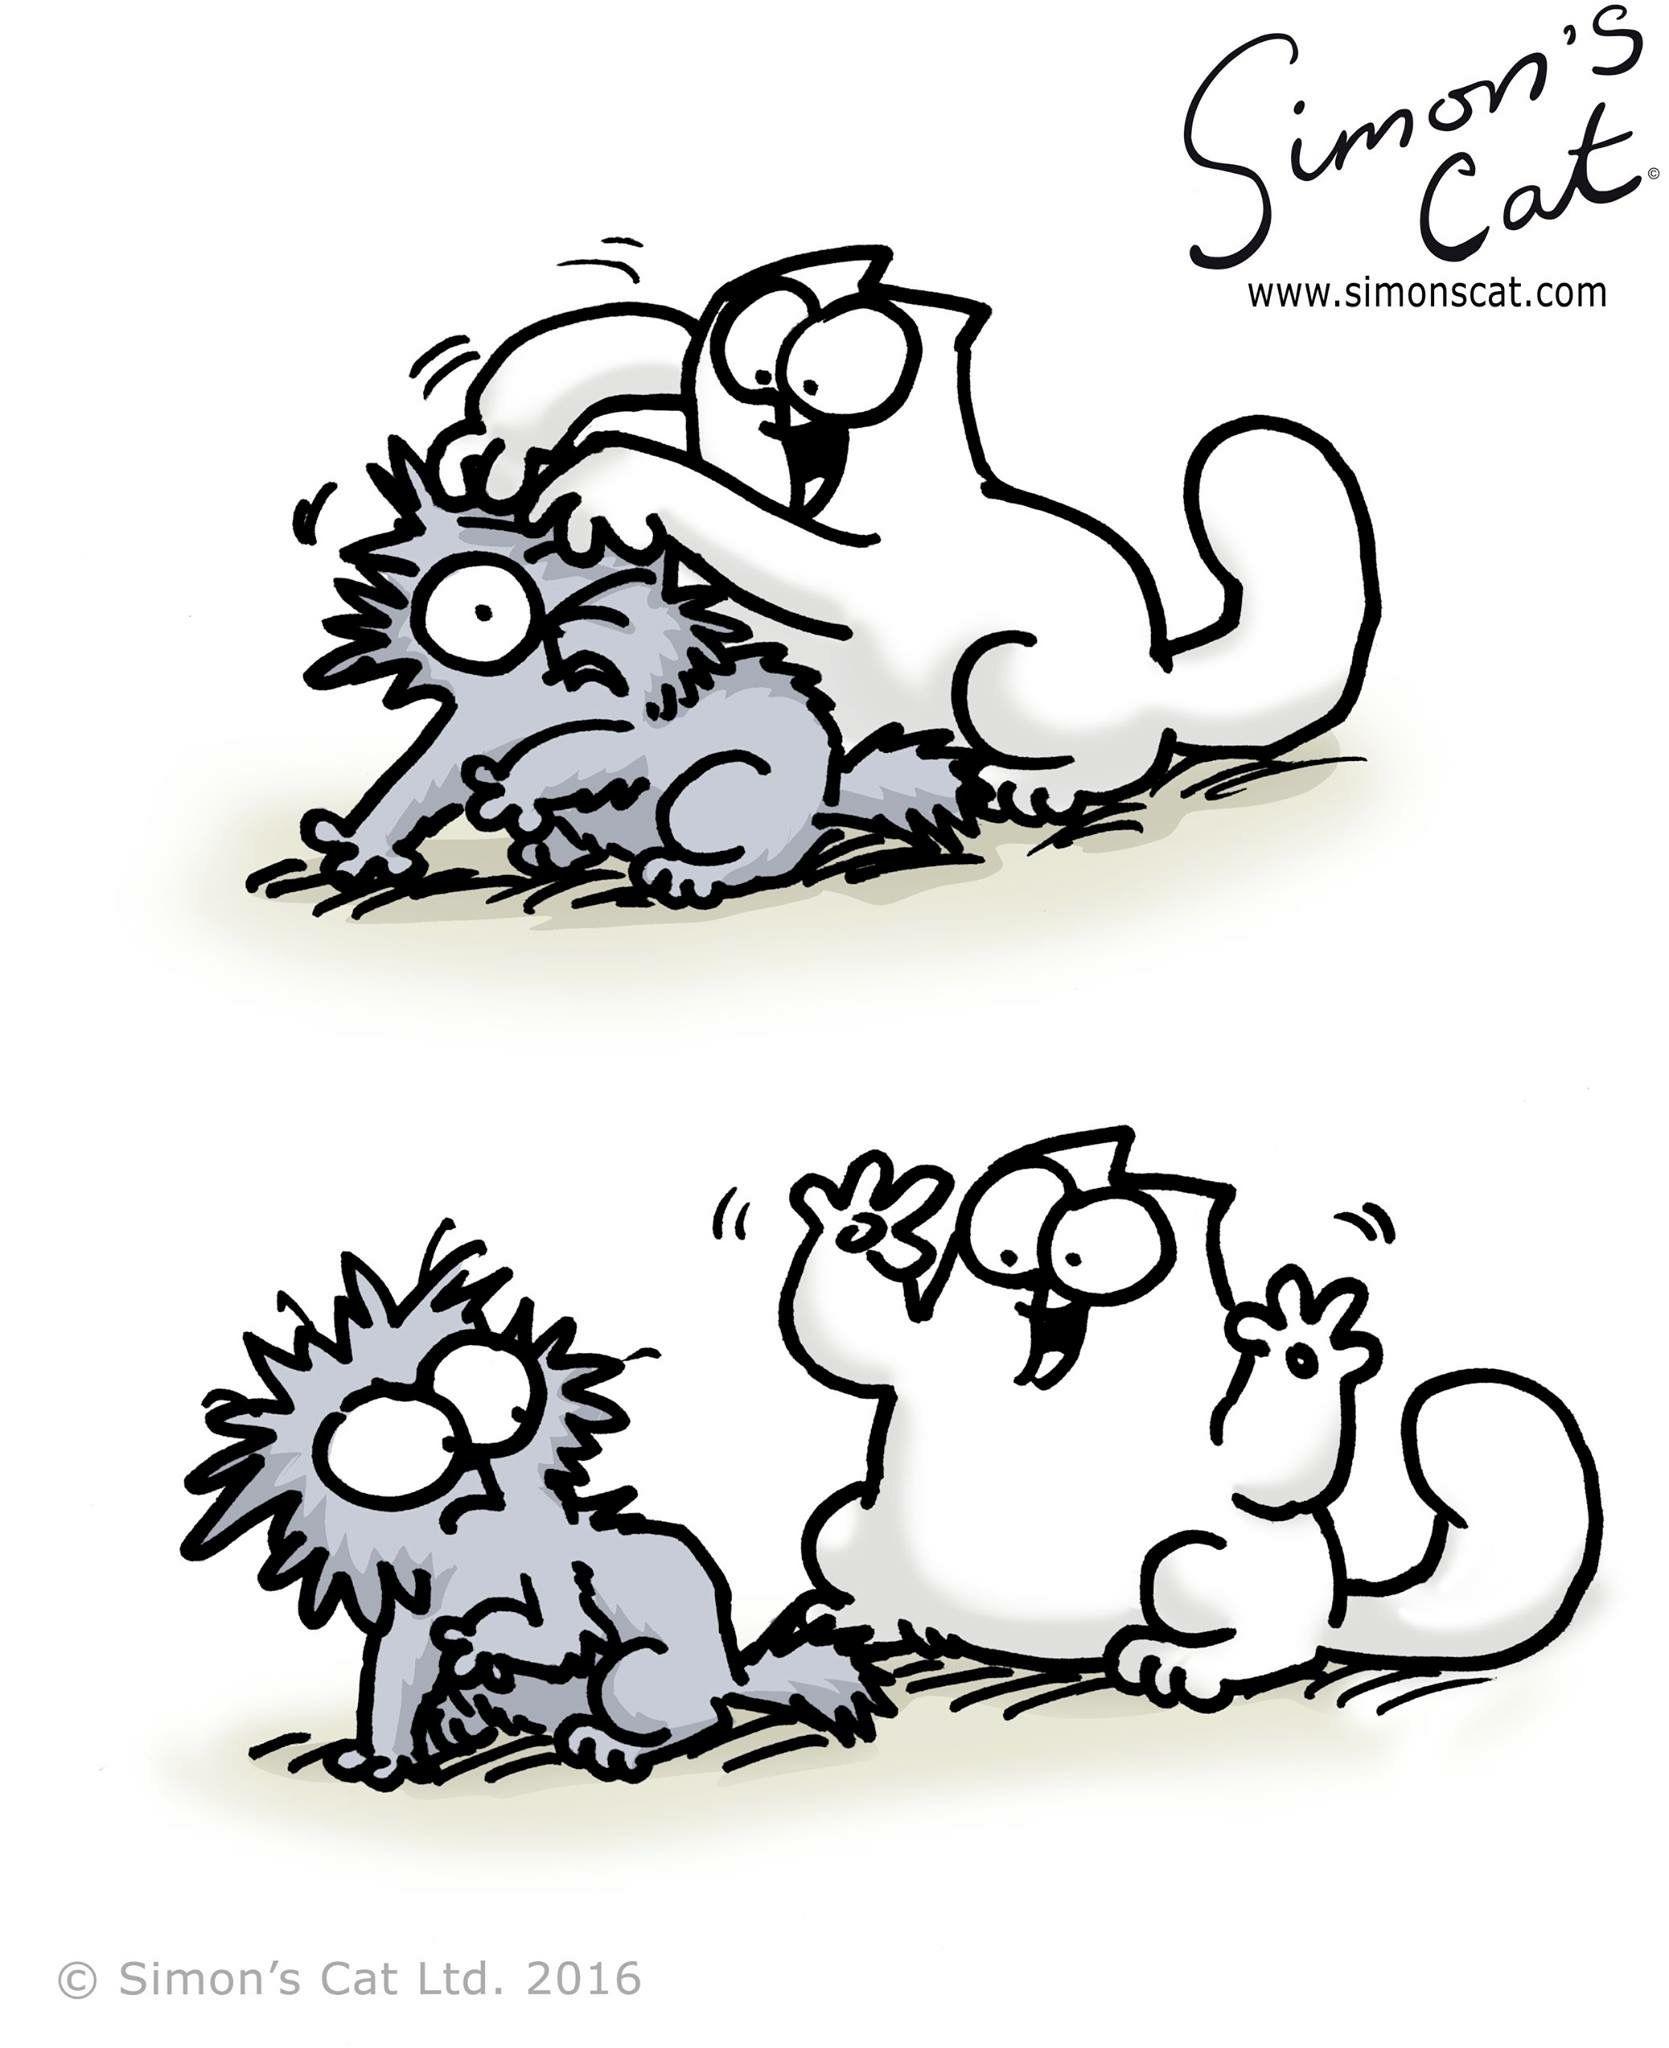 Simon's Cat | Simons Katze, Katzenzeichnung, Katzen Zeichnungen verwandt mit Katzenbilder Comic